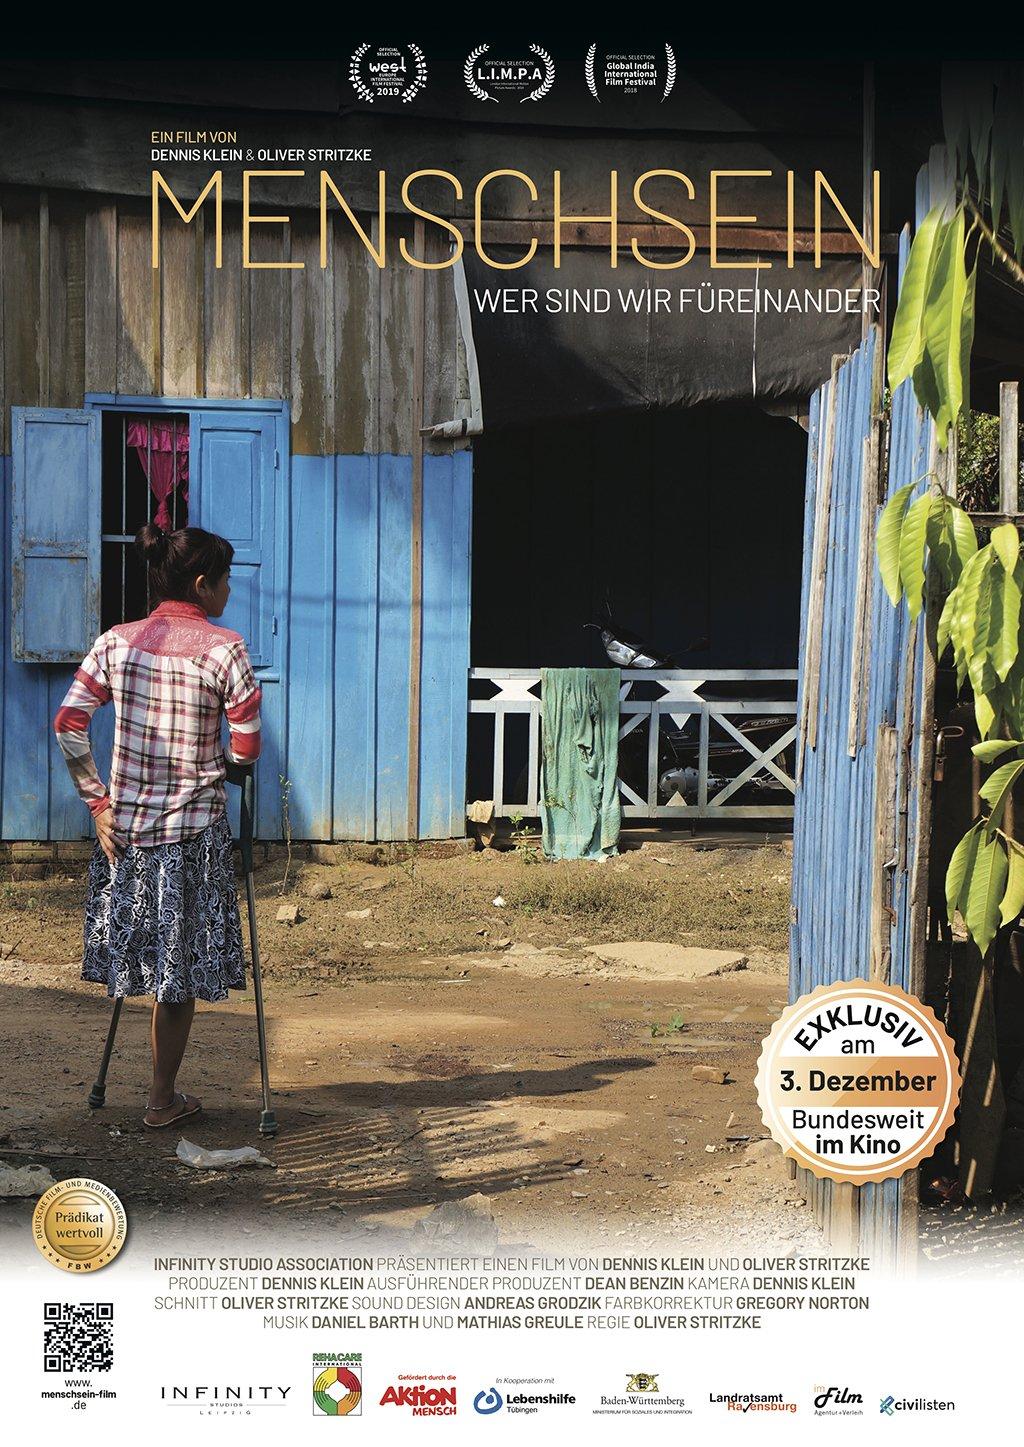 junge Frau mit einem Bein steht vor einer blauen Hütte